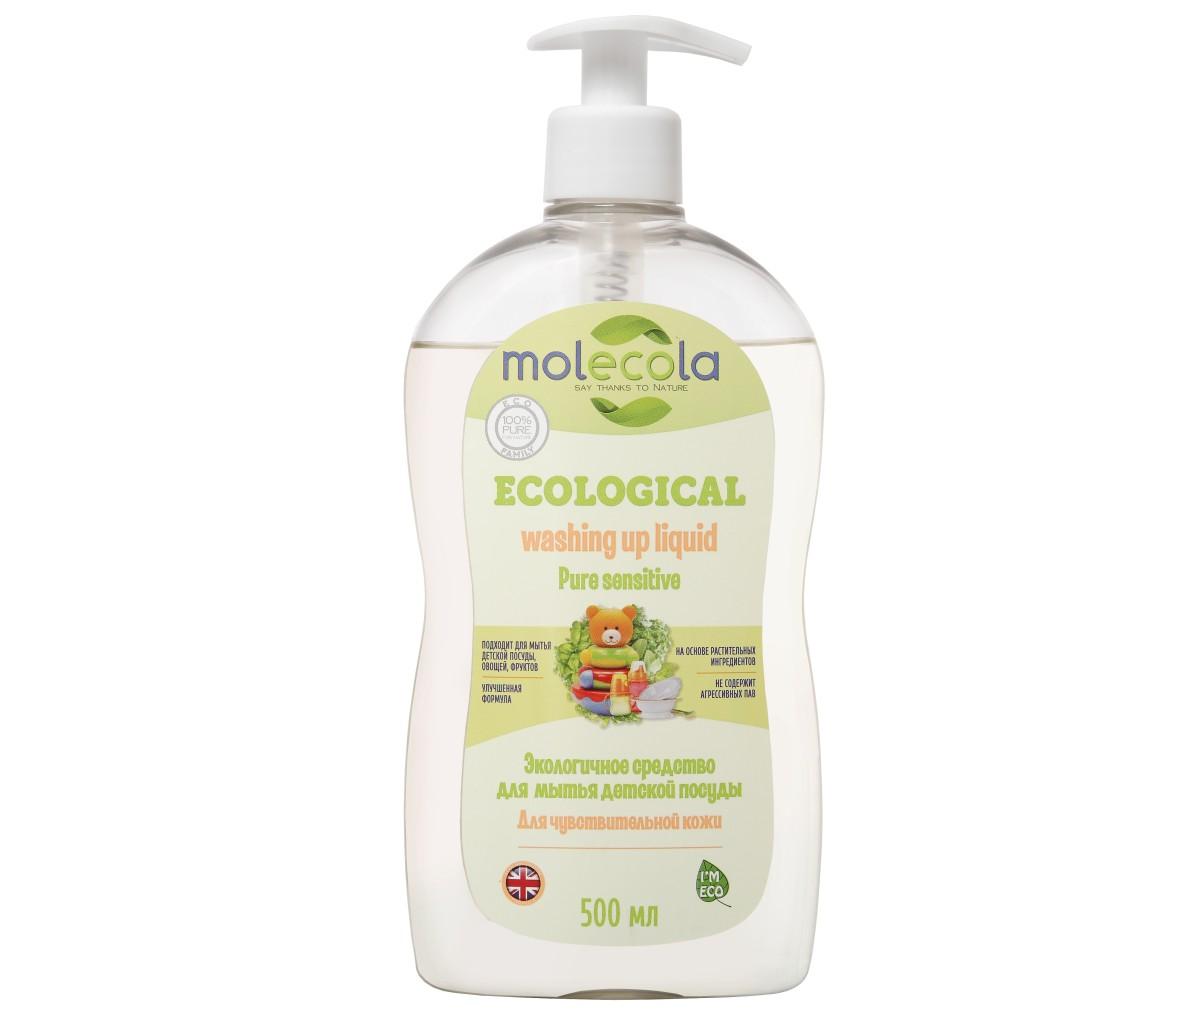 Средство для мытья детской посуды Molecola Pure Sensitive, экологичное, 500 мл9011Средство Molecola Pure Sensitive гипоаллергенное, концентрированное средство для мытья детской посуды с нежным ароматом. Средство подходит для мытья сосок, бутылок, прорезывателей, а так же кухонных принадлежностей. Может использоваться для мытья овощей и фруктов. Мягко воздействует на кожу рук, не раздражая ее. Новая формула на основе безопасных растительных ингредиентов обеспечивает высокую эффективность и экологичность использования. Состав: Вода , > 5% анионные ПАВ, глицерин, > 5% аморфные ПАВ, загуститель (ксантановая камедь), консервант, отдушка, лимонная кислота. Товар сертифицирован.